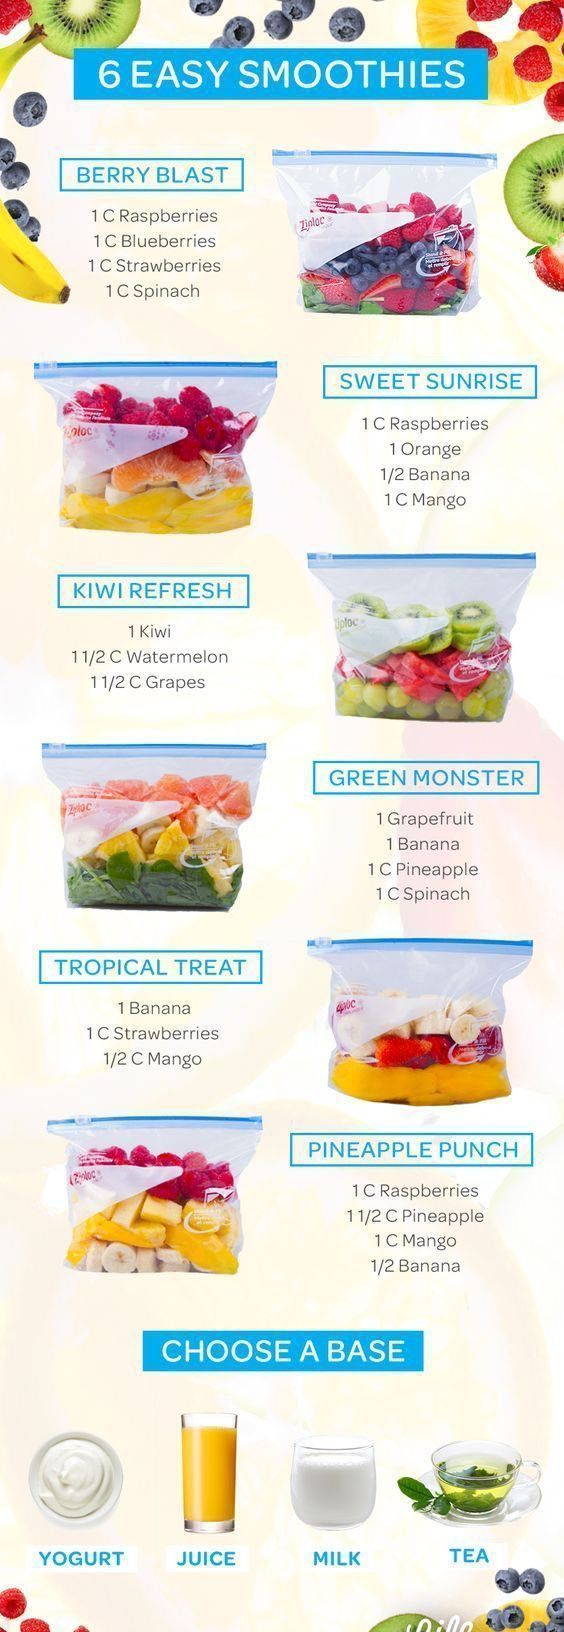 Diese Smoothie-Rezepte sind perfekt für gesunde Gewichtsverlustziele! #DetoxPlanLink